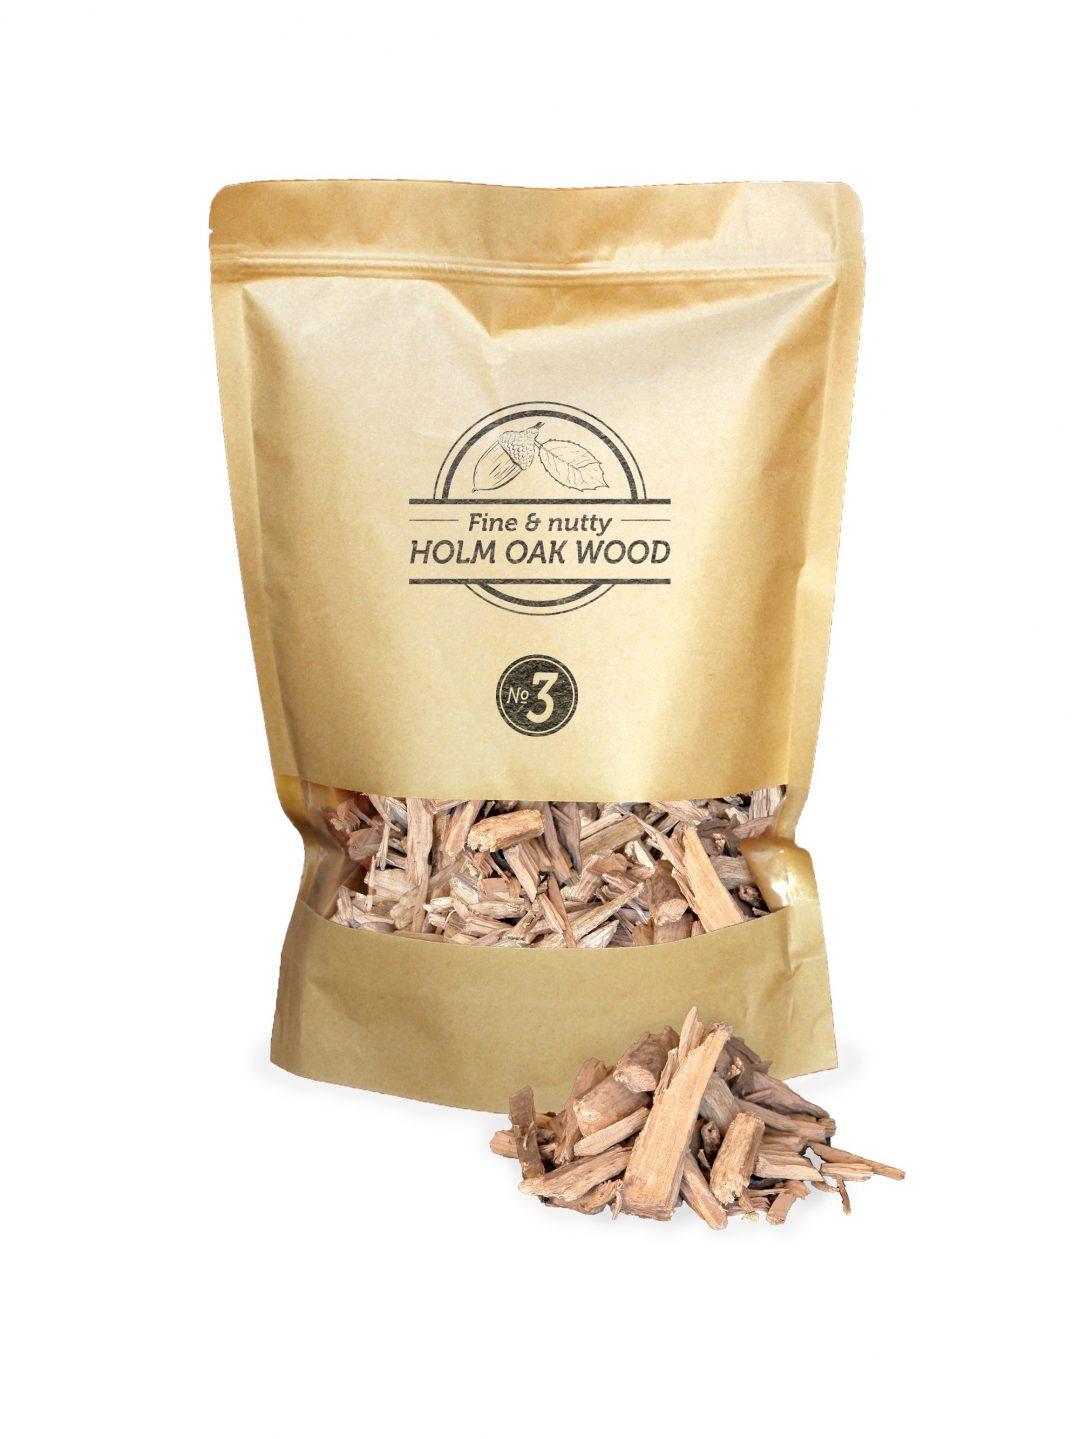 SOW holm oak chips